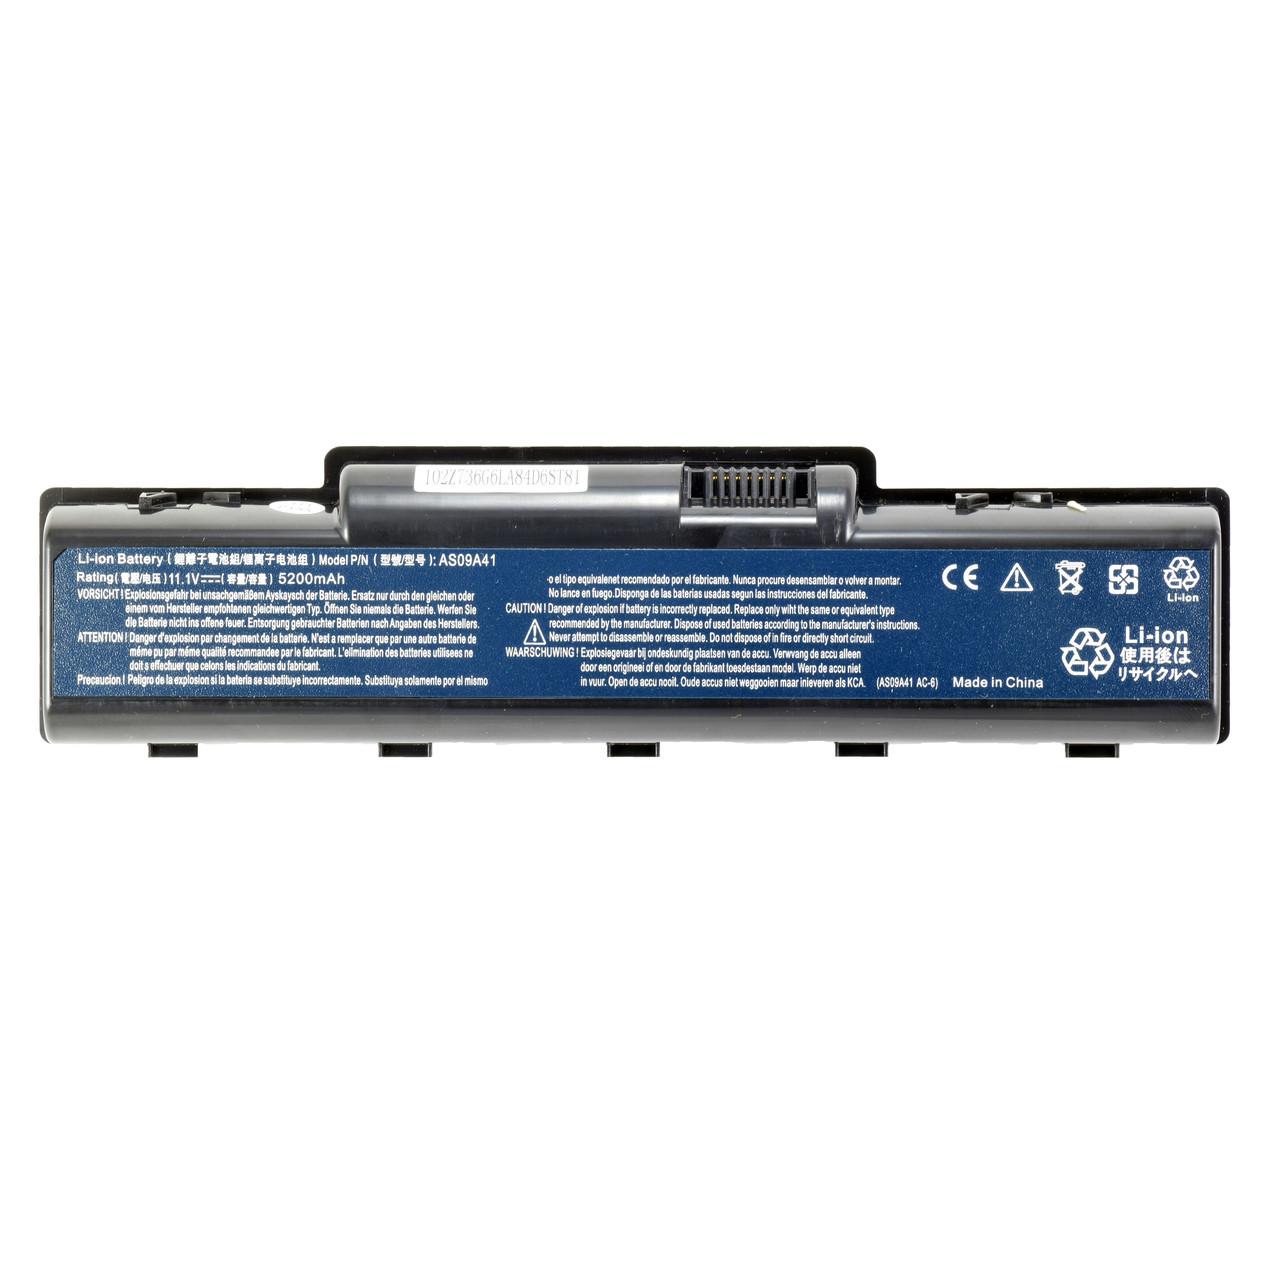 Батарея для ноутбука AS09A73 AS09A75 AS09A90 BT.00603.076 BT.00605.036 BT-00603-076 L09M6Y21